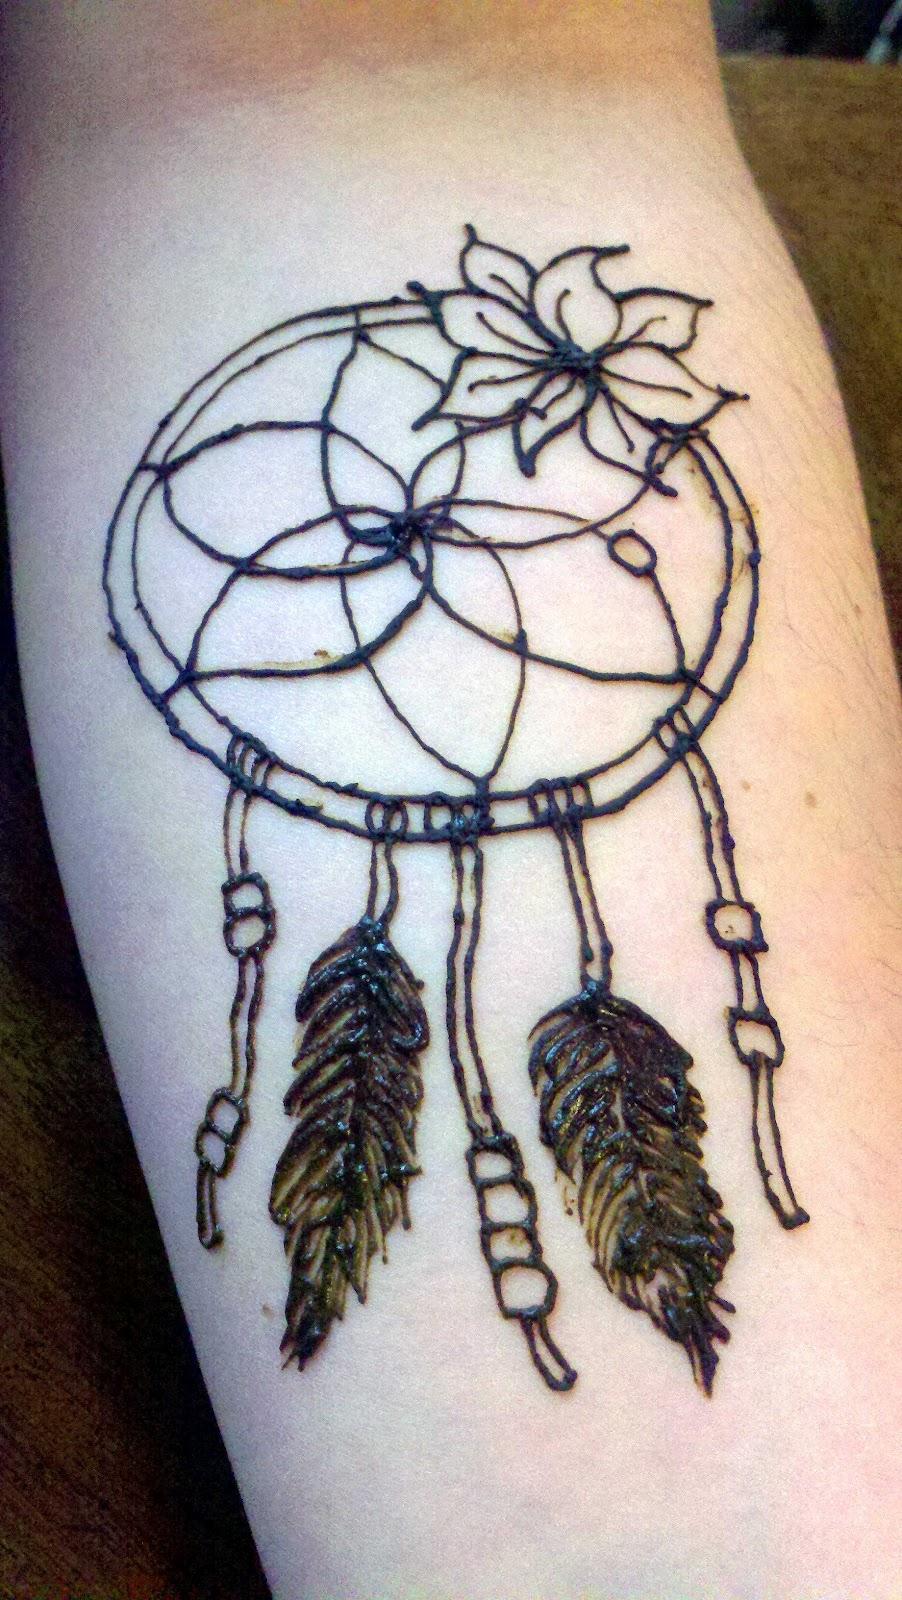 Dream Catcher Henna Tattoo Designs: Something About Henna